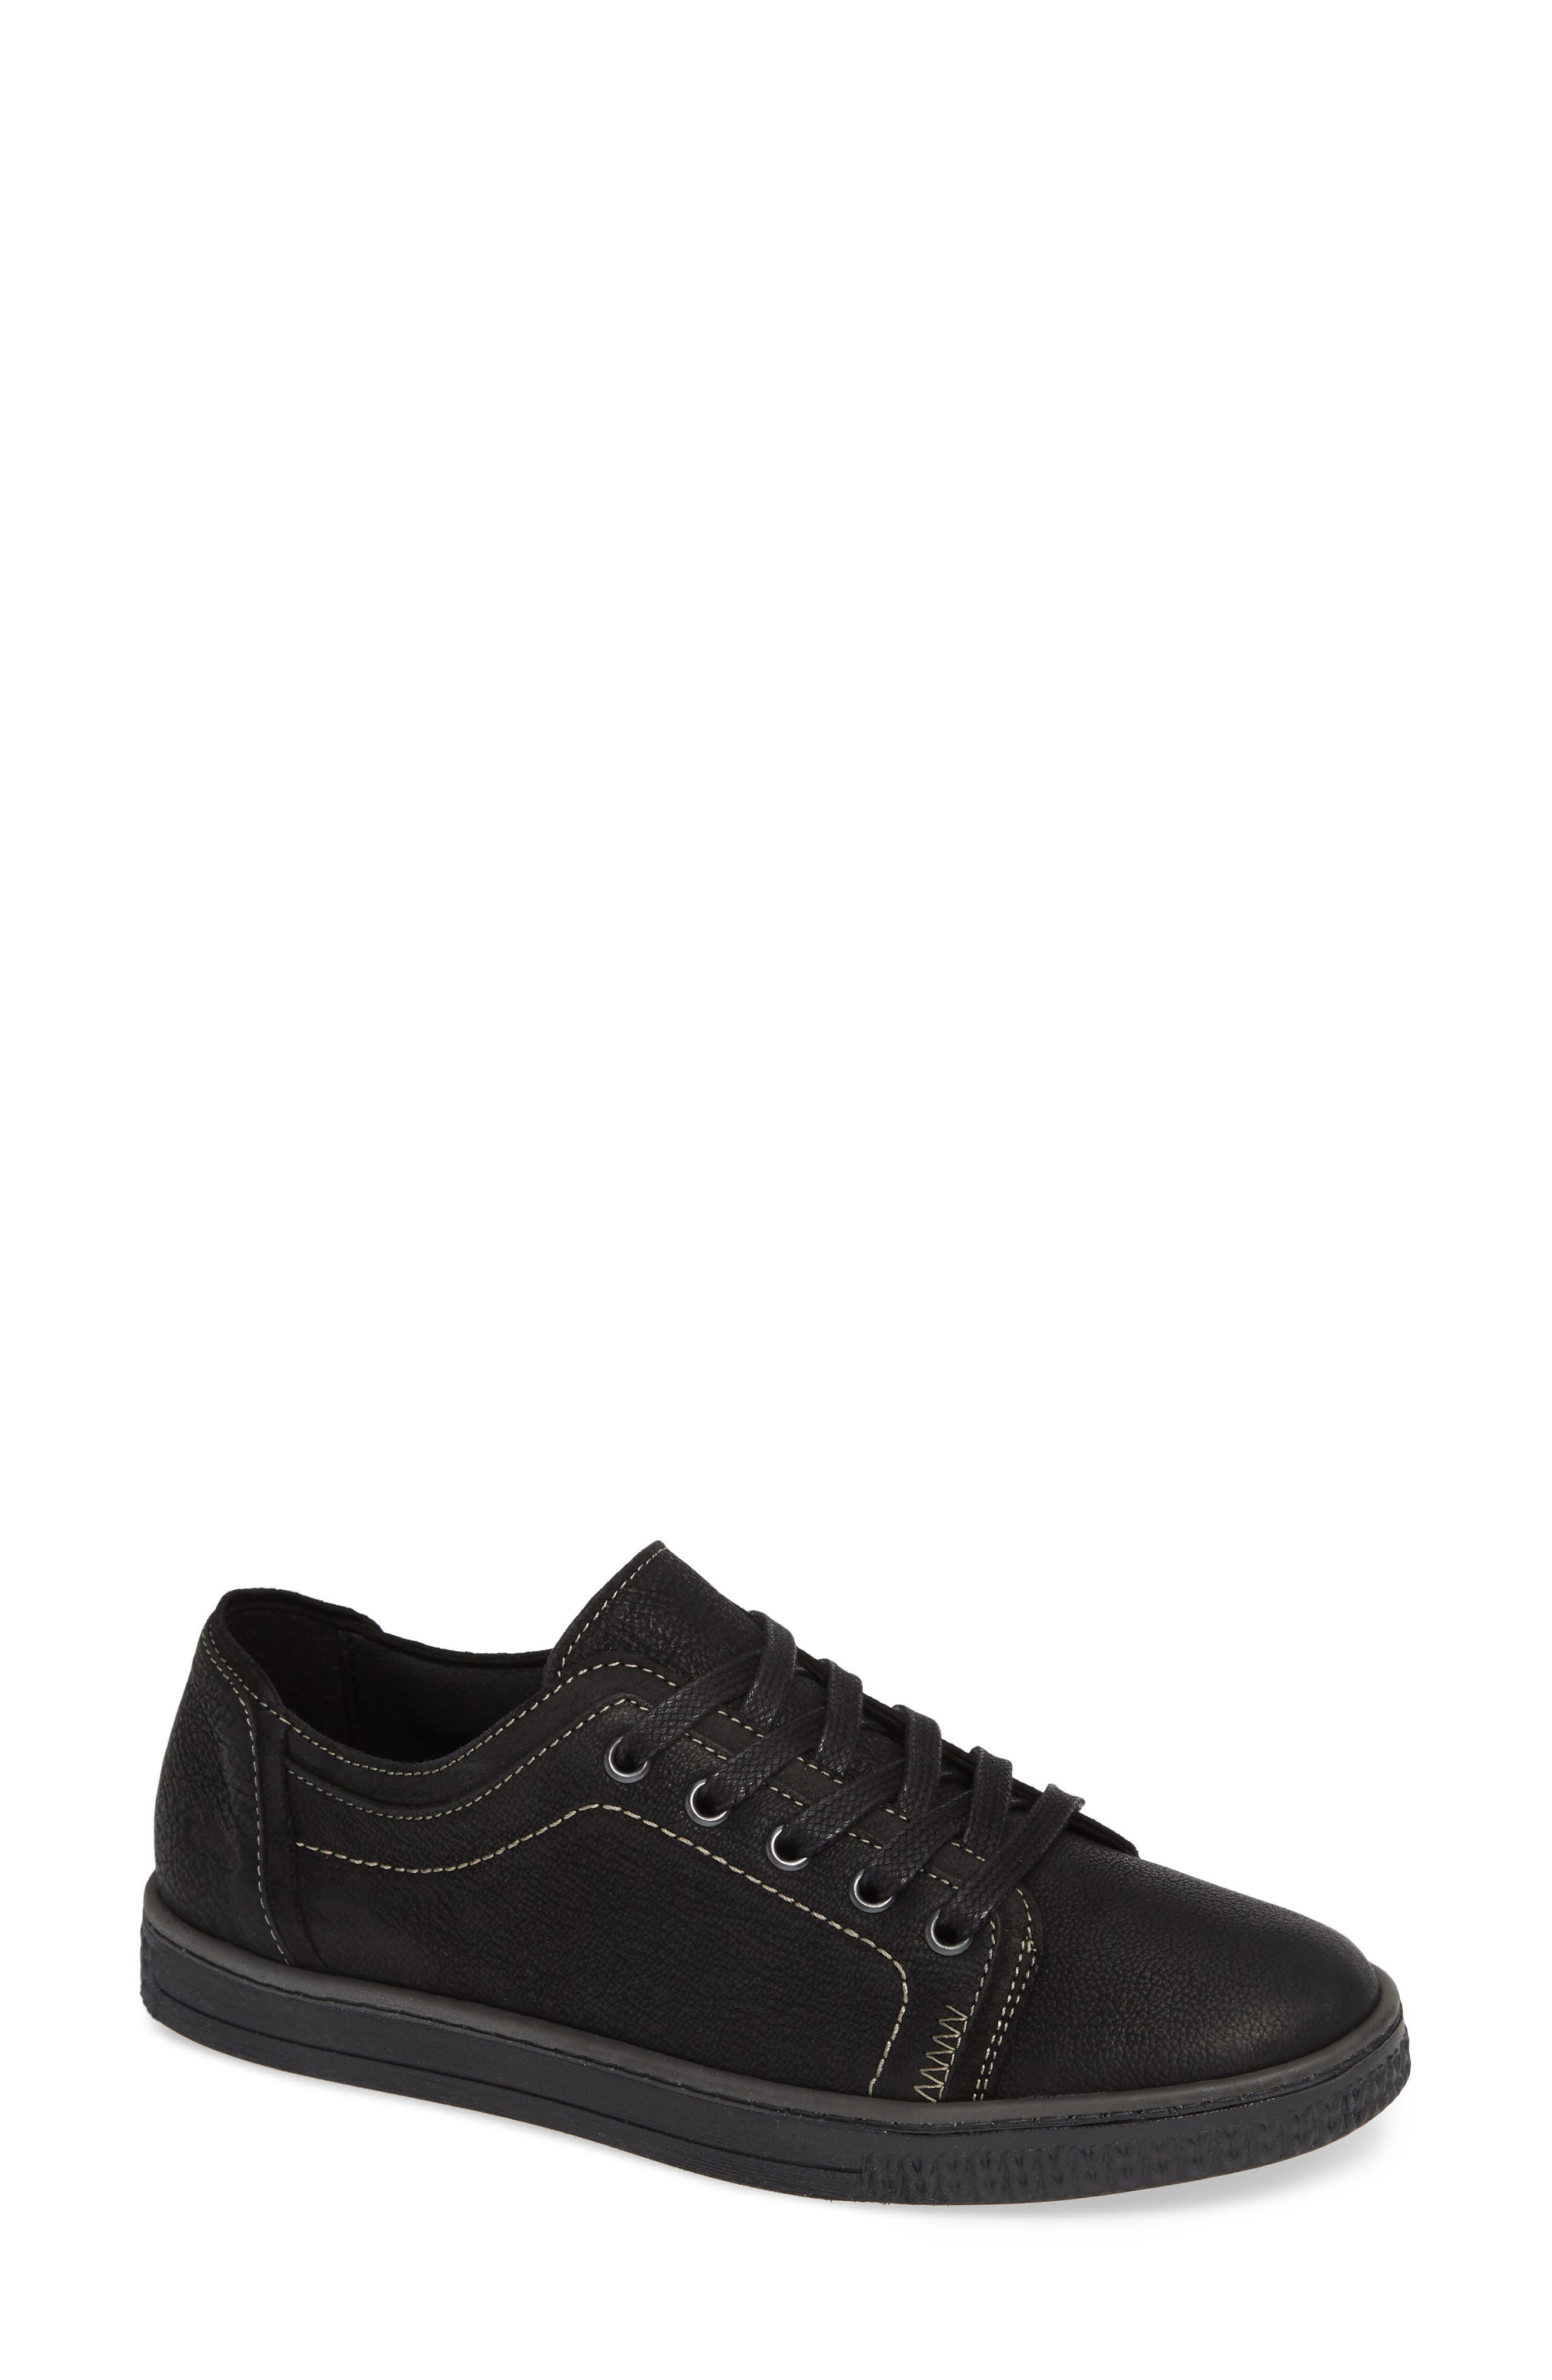 CLOUD Nagano Low Top Sneaker, Main, color, 001